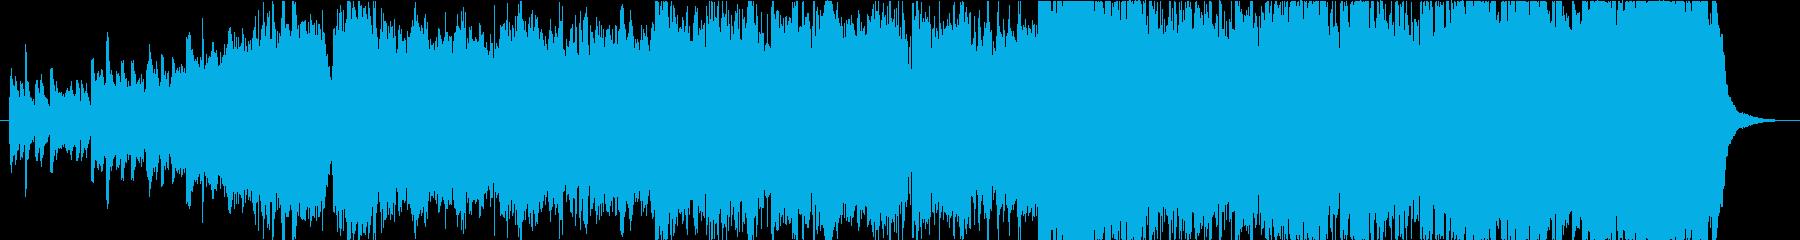 壮大な明るいOP.ED想定曲の再生済みの波形